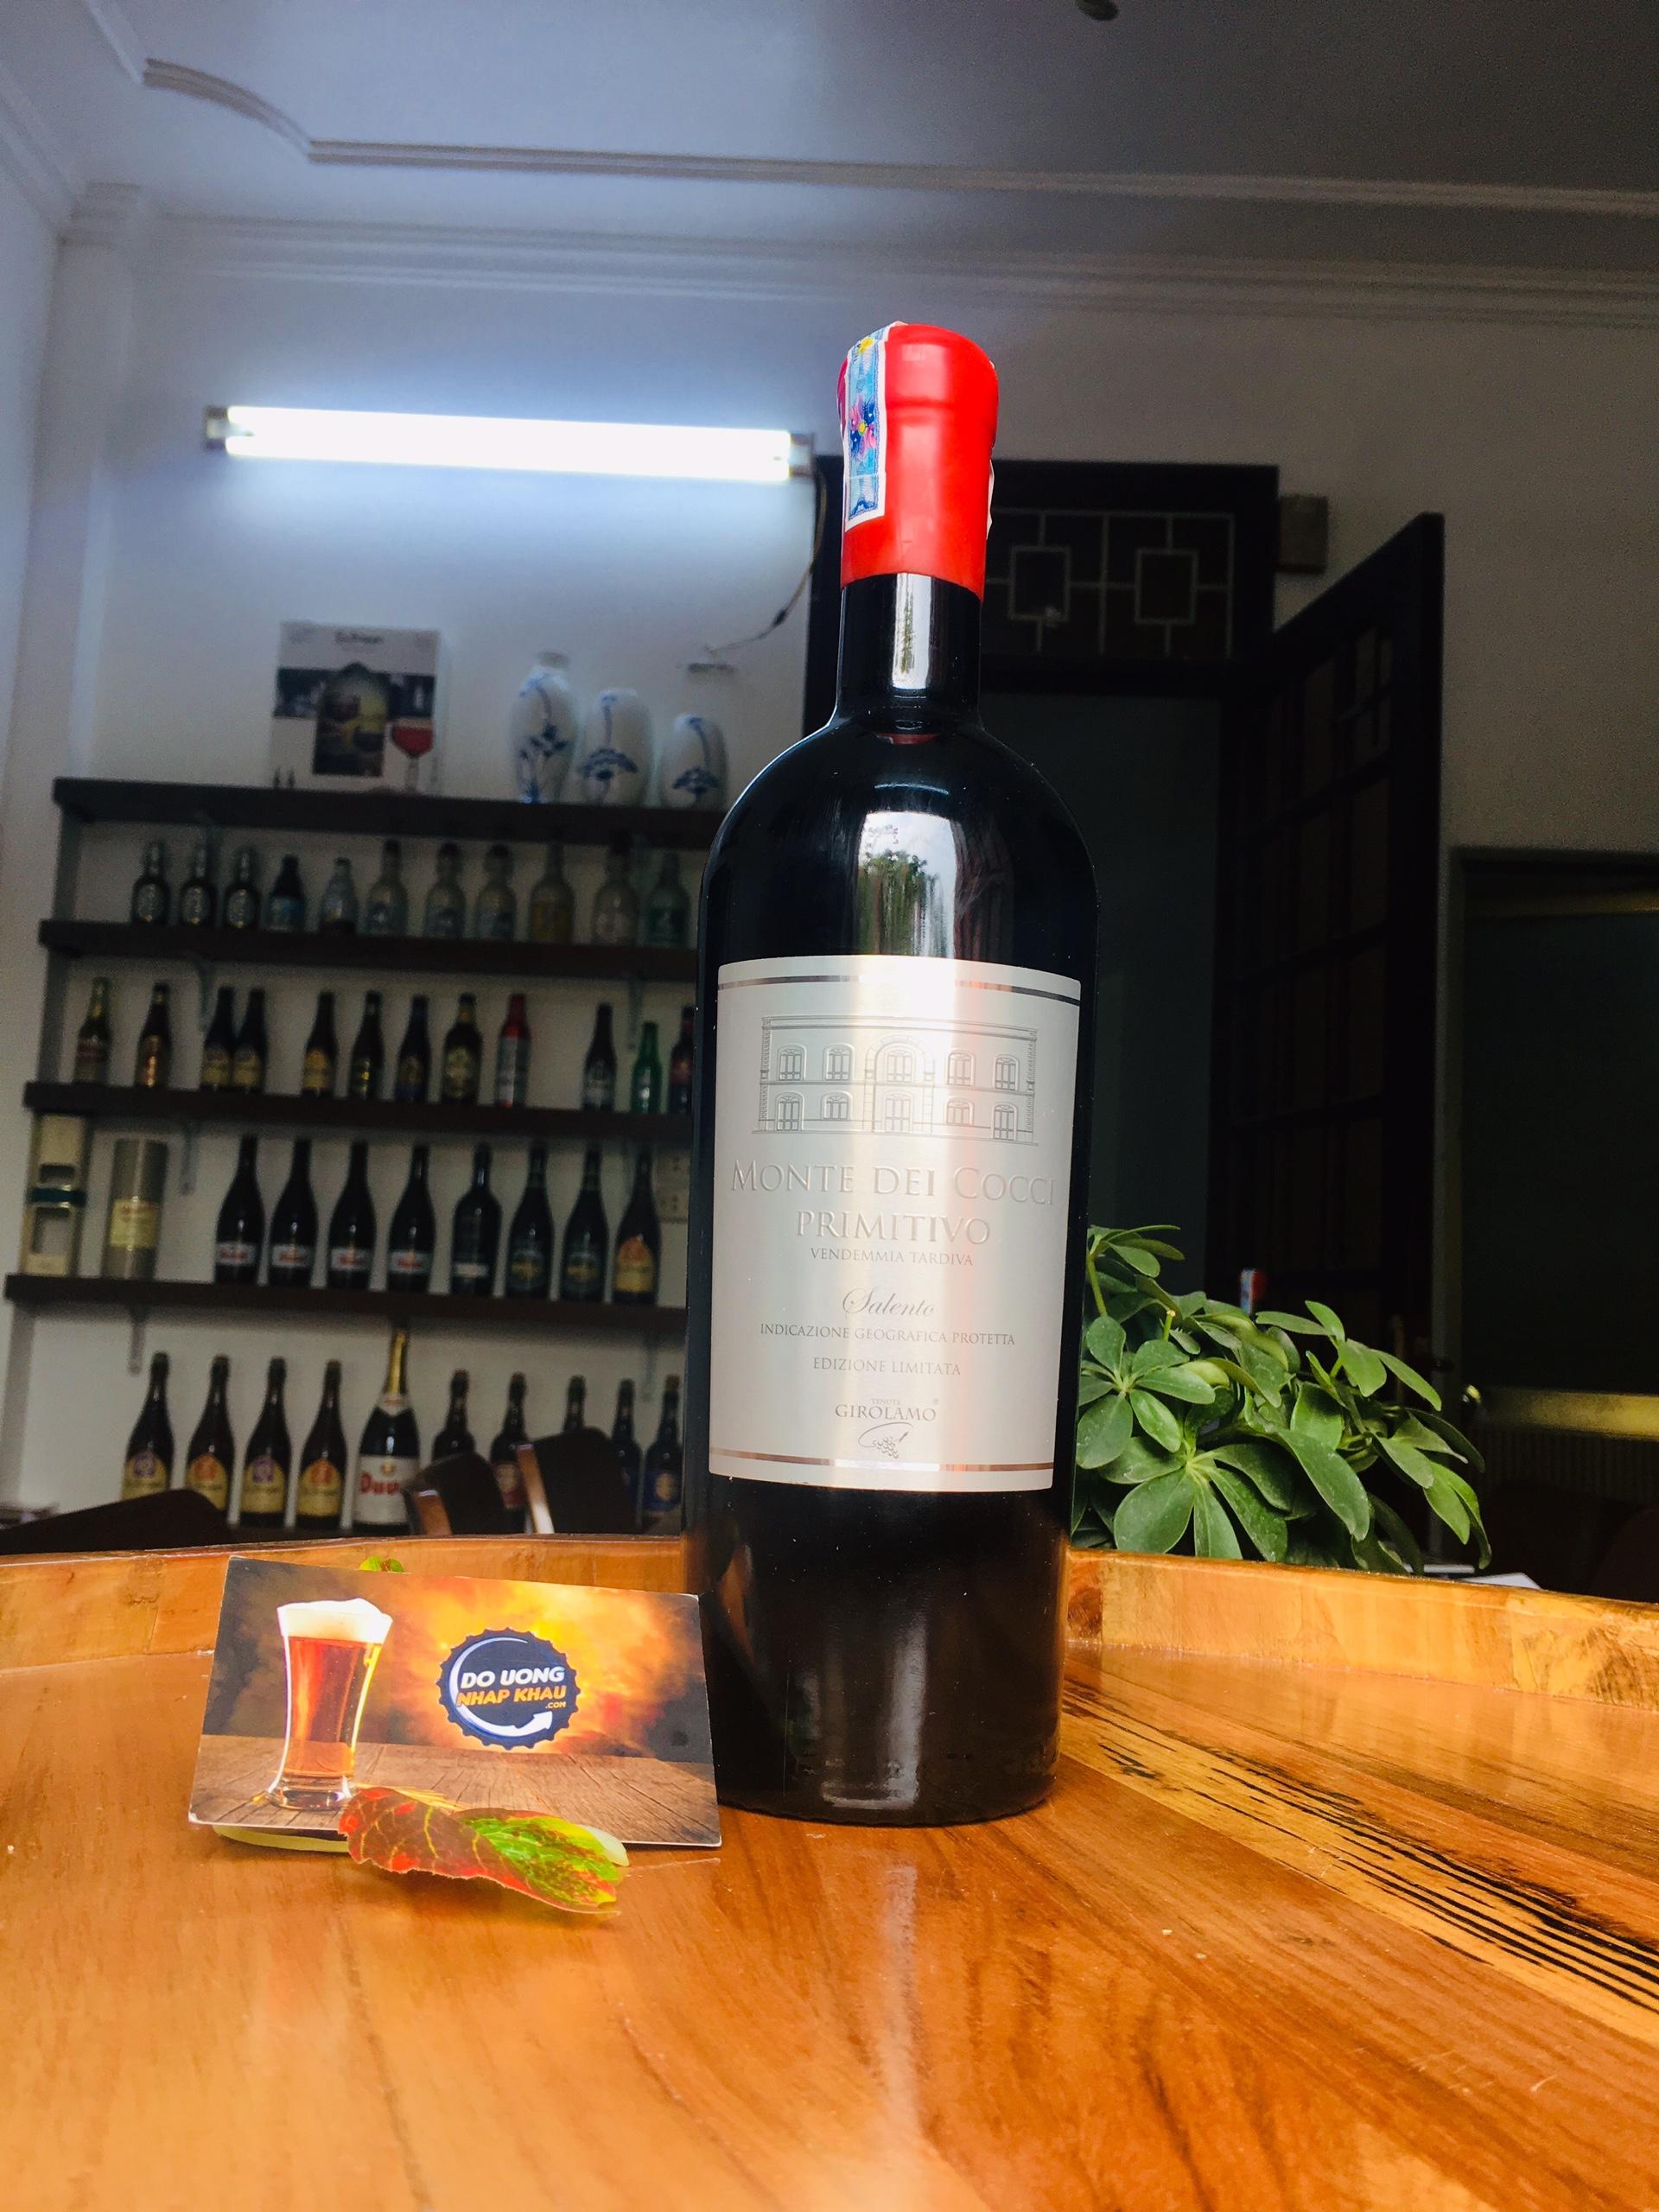 Vang Monte dei Cocci có vị ngọt ngào dễ uống